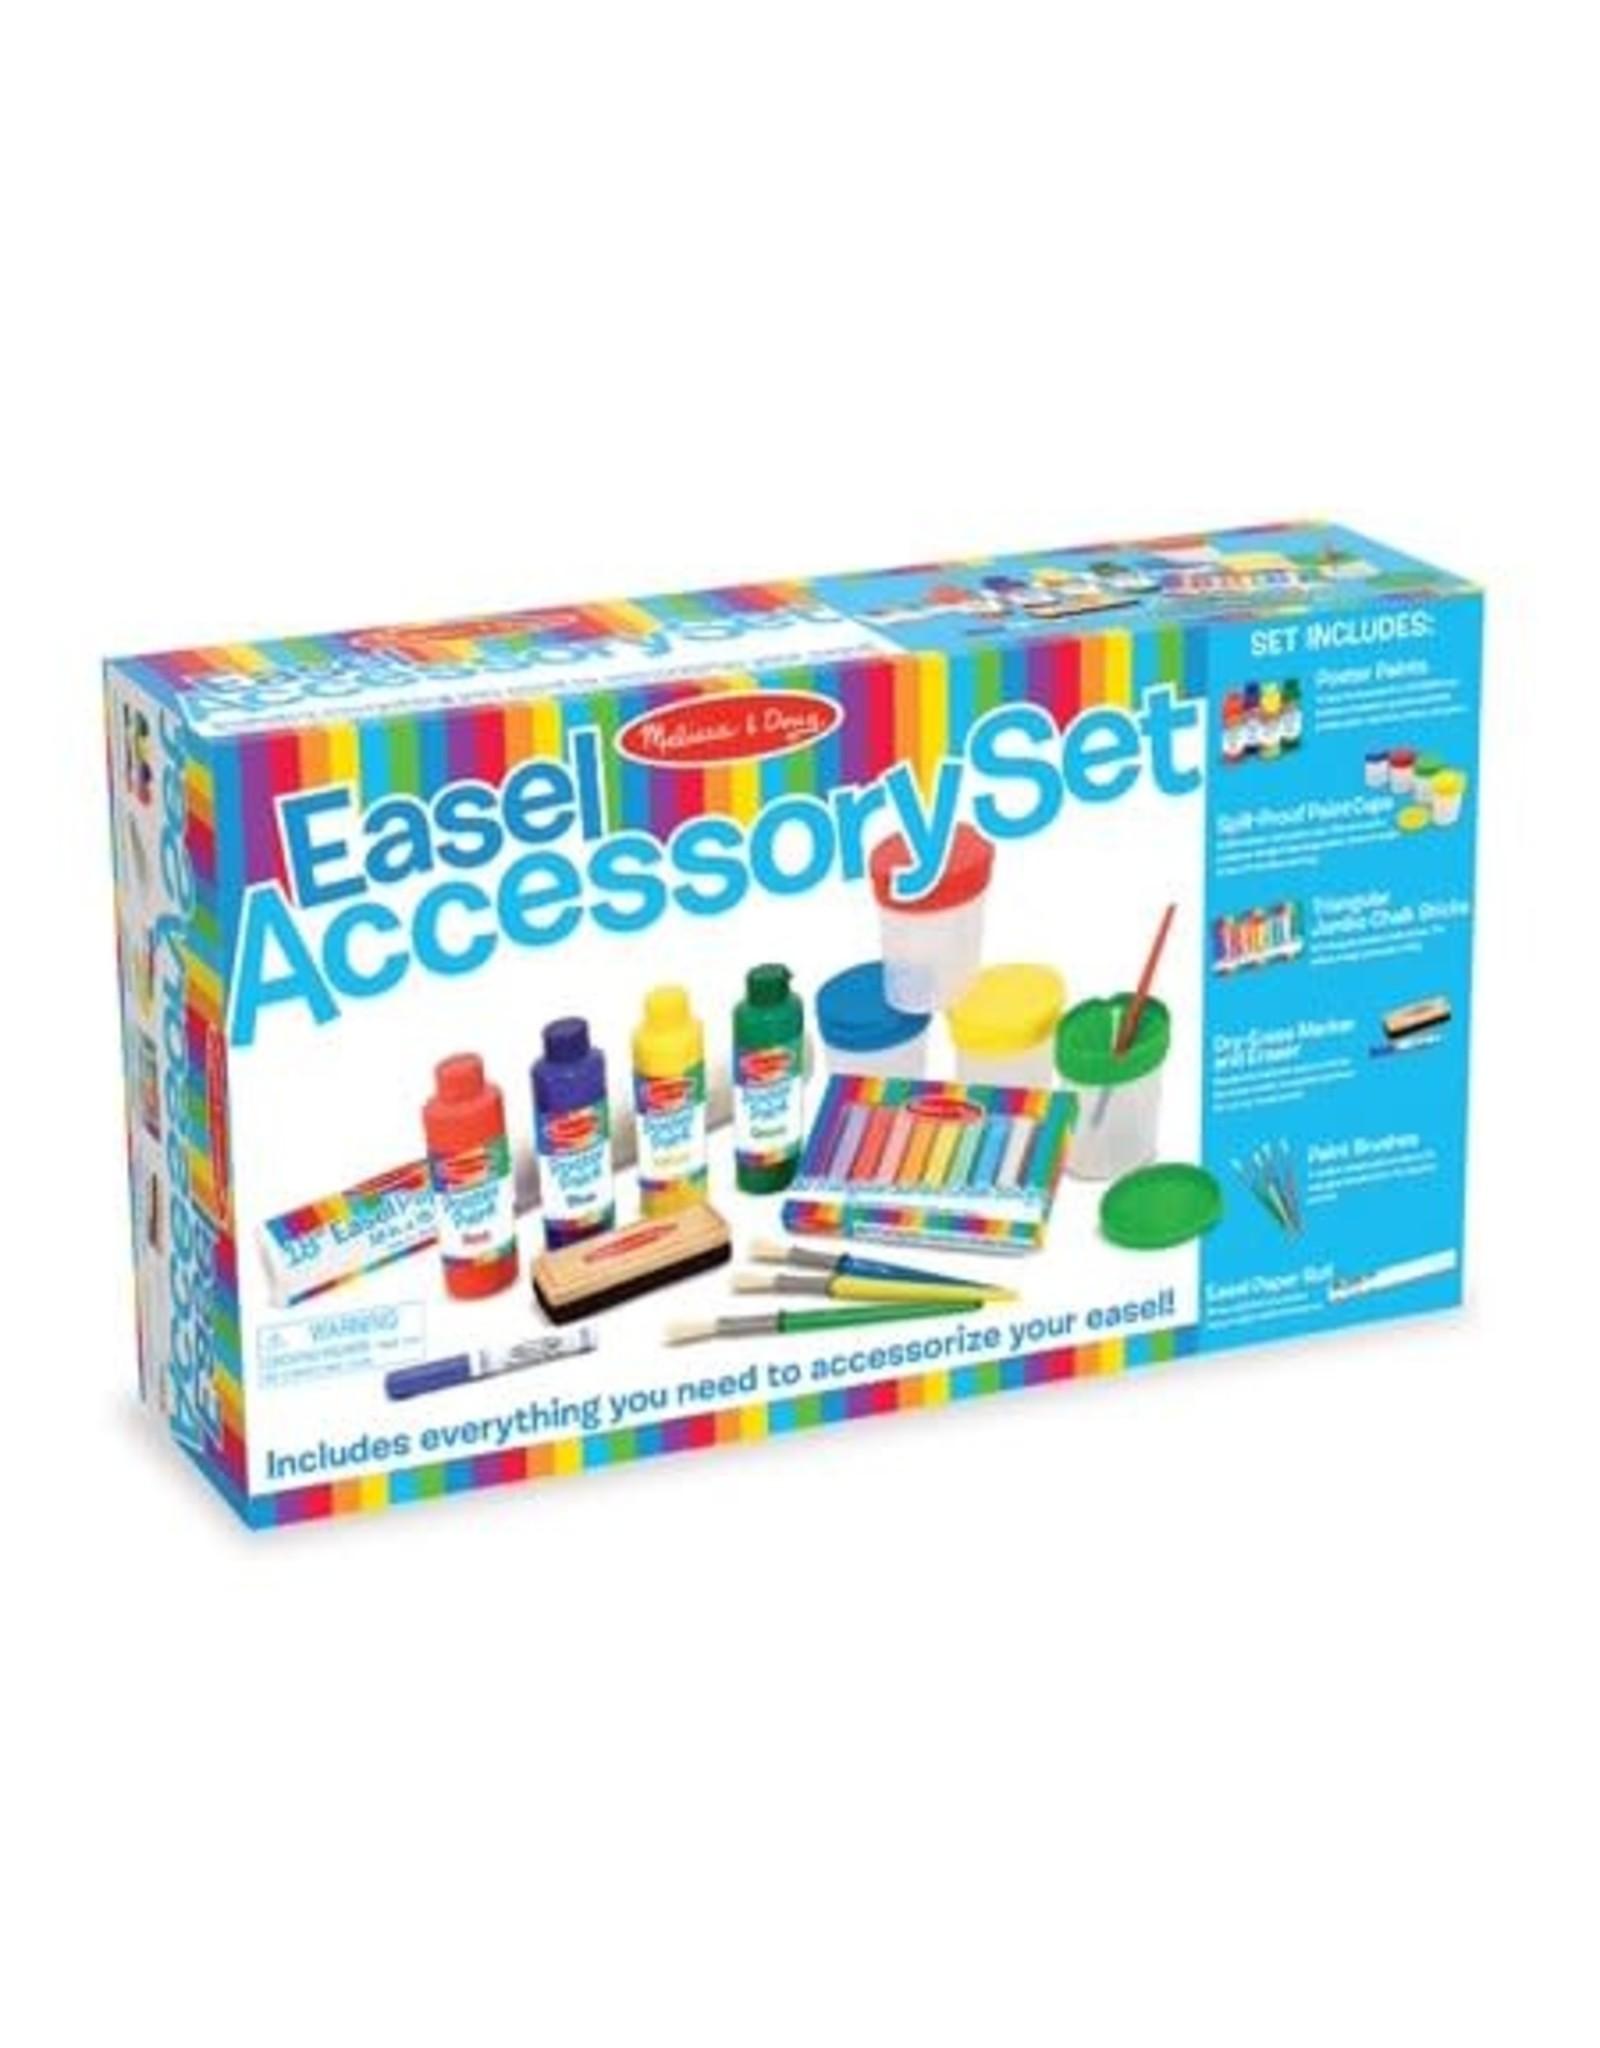 Melissa & Doug Easel Accessory Kit